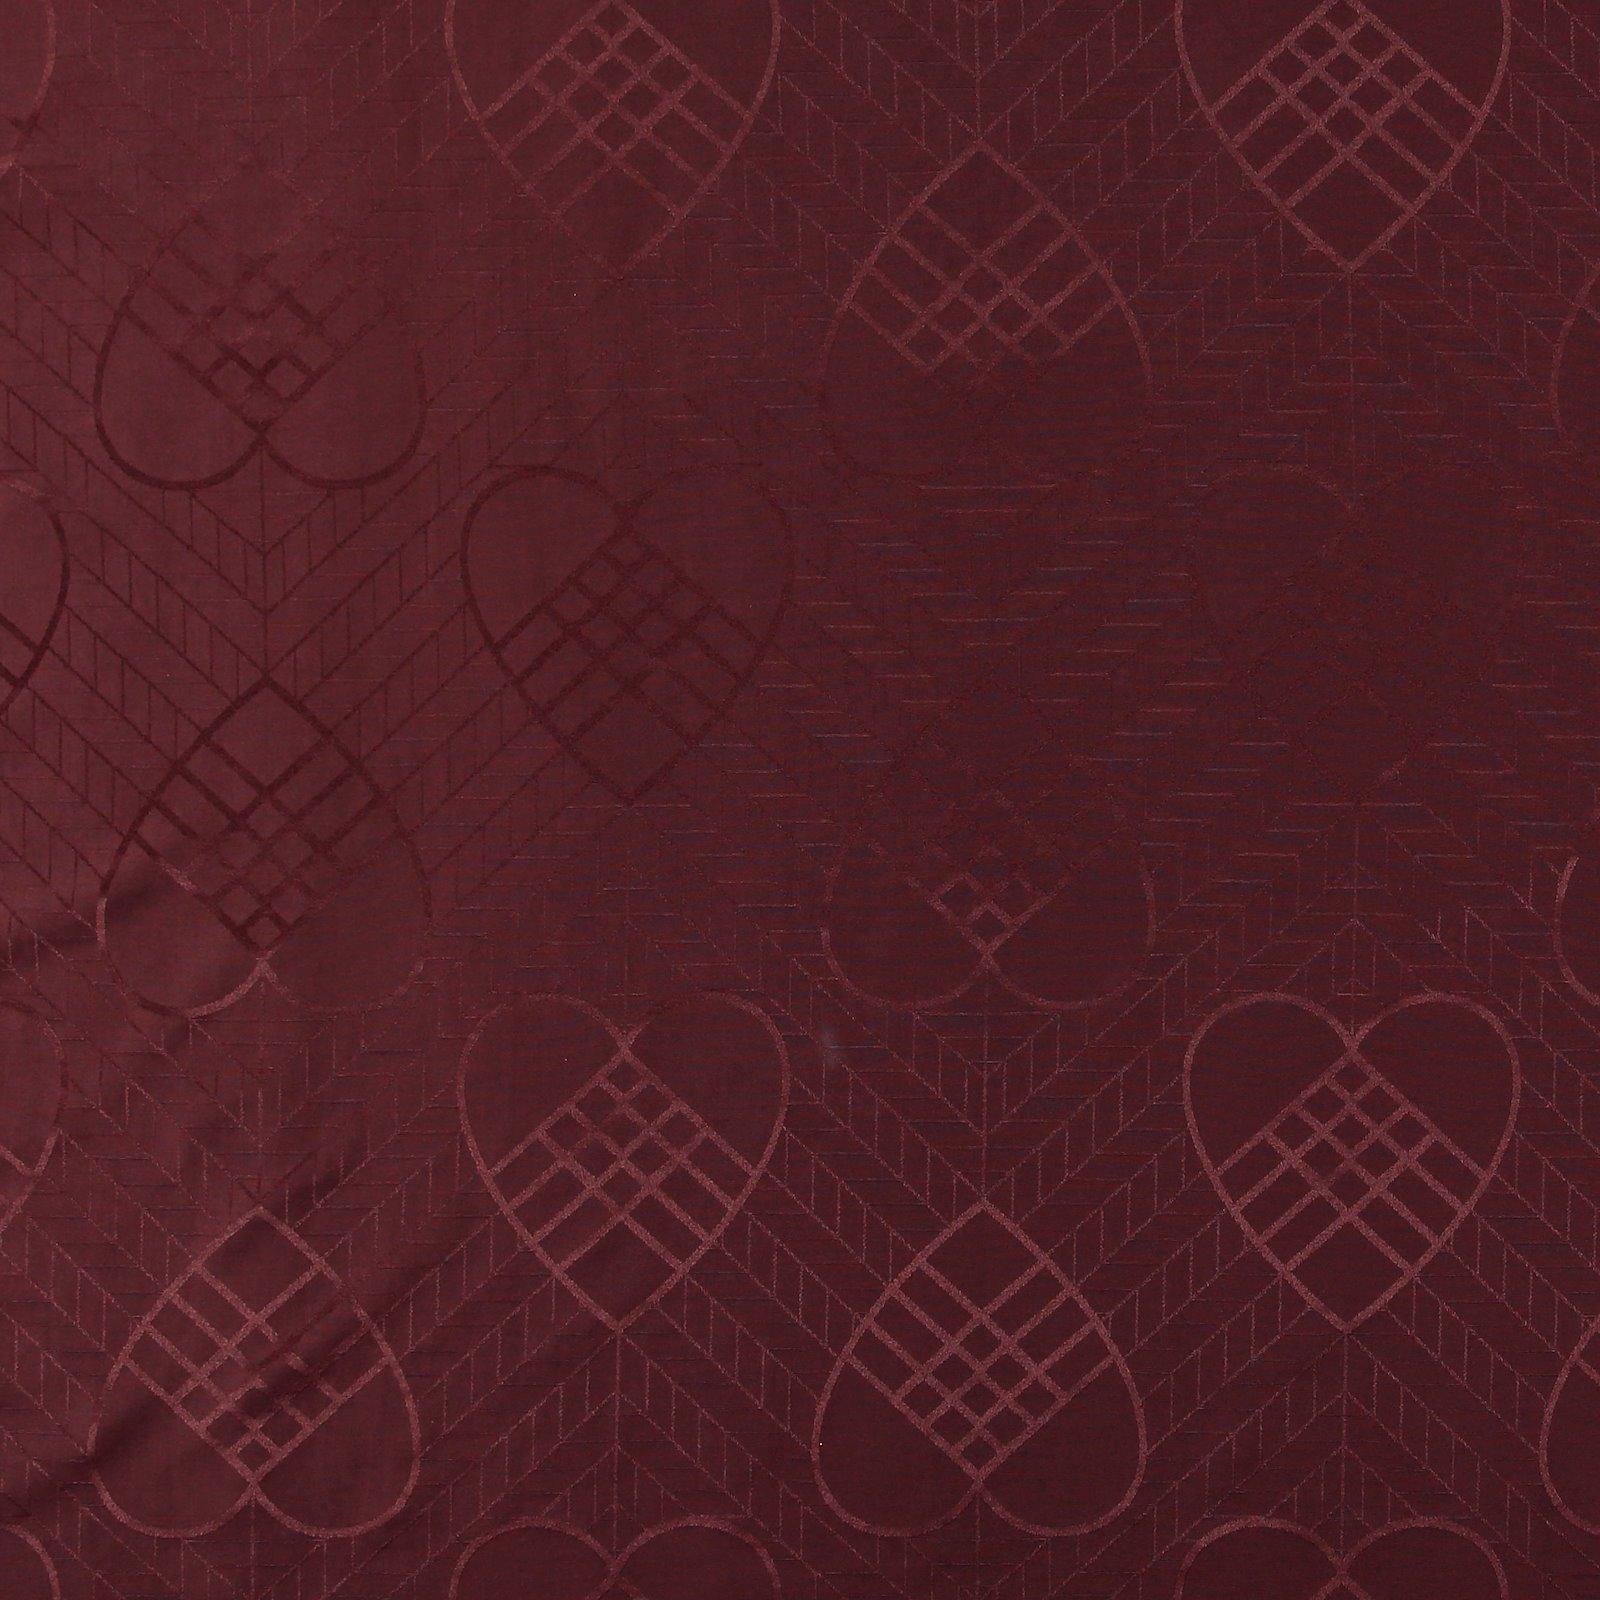 Jacquard chestnut brown w plait hearts 803819_pack_sp